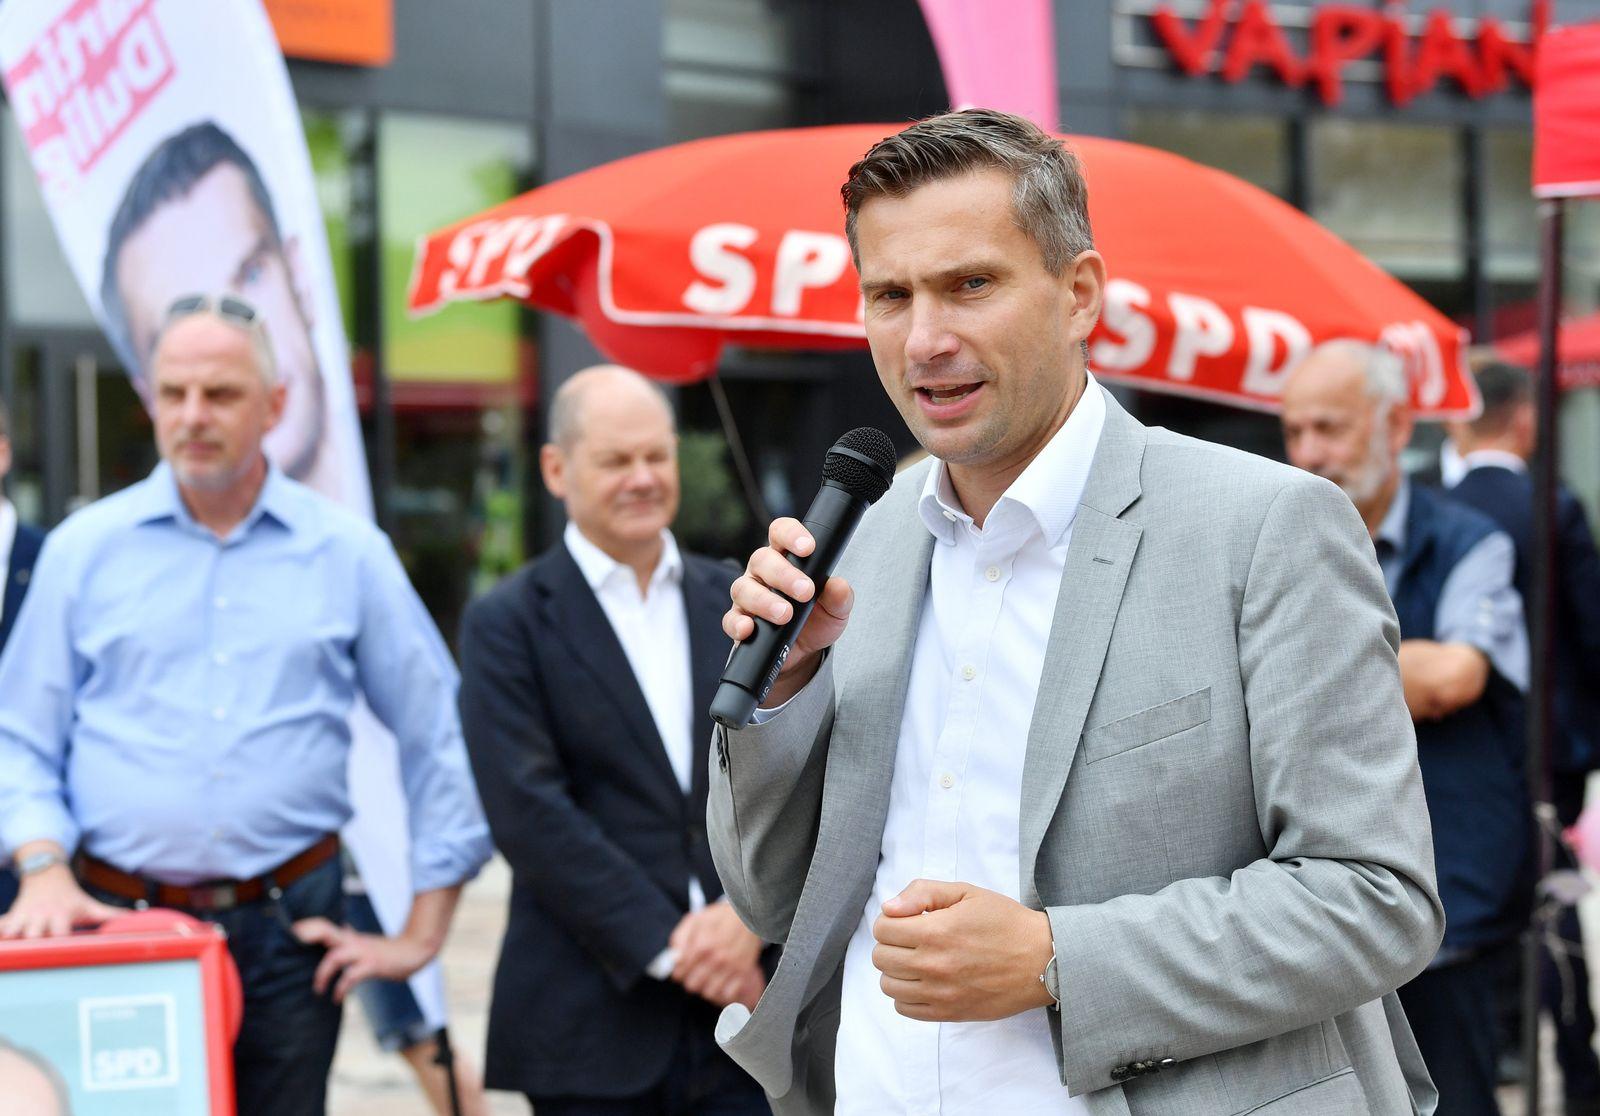 Mit Podest in Fußgängerzone - SPD setzt im Wahlkampf auf Dulig